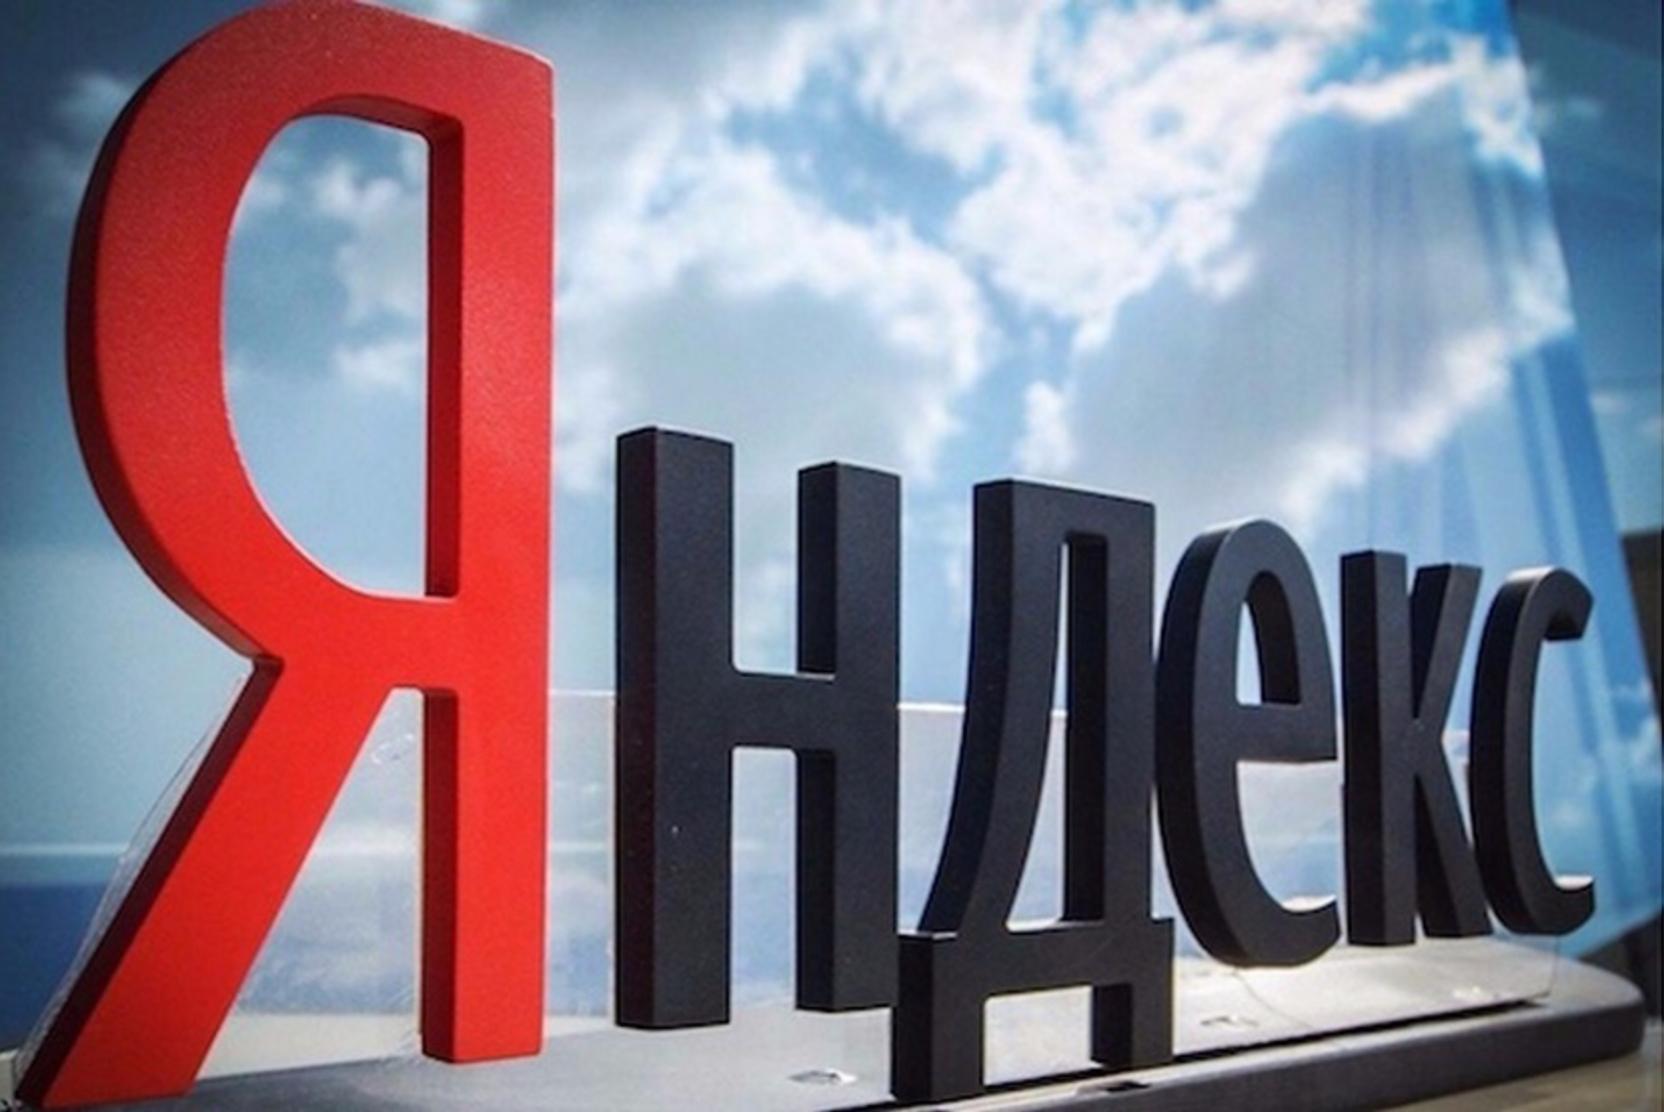 «Яндекс» ожидает во втором квартале убытки до 4,5 миллиарда рублей